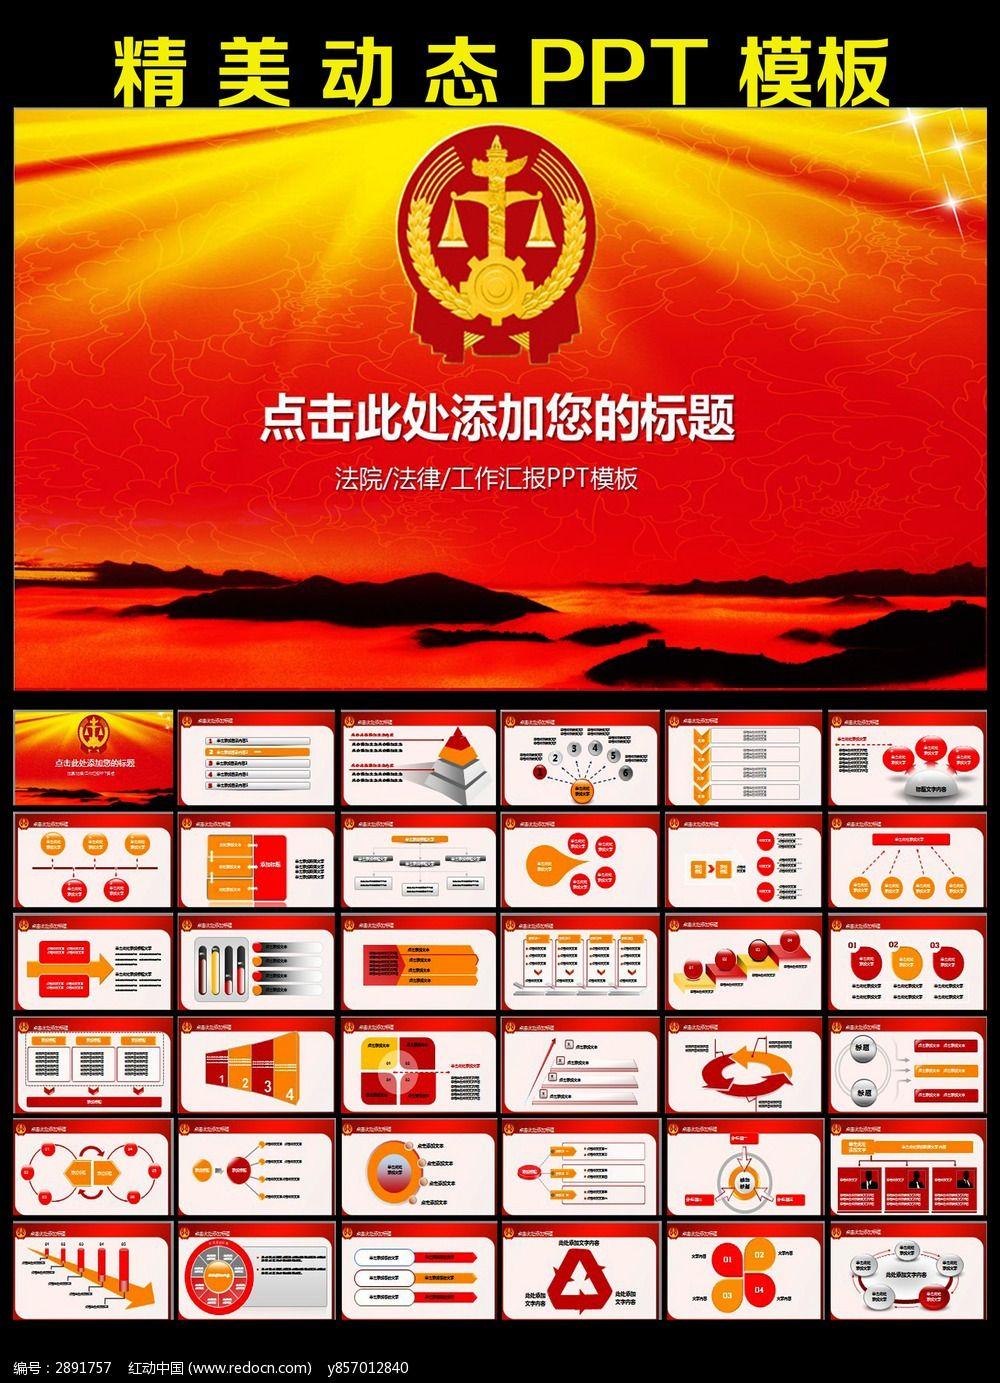 PPT背景 PPT图表 PPT素材 动态PPT 图片 PPT模版 会议 报告 座谈